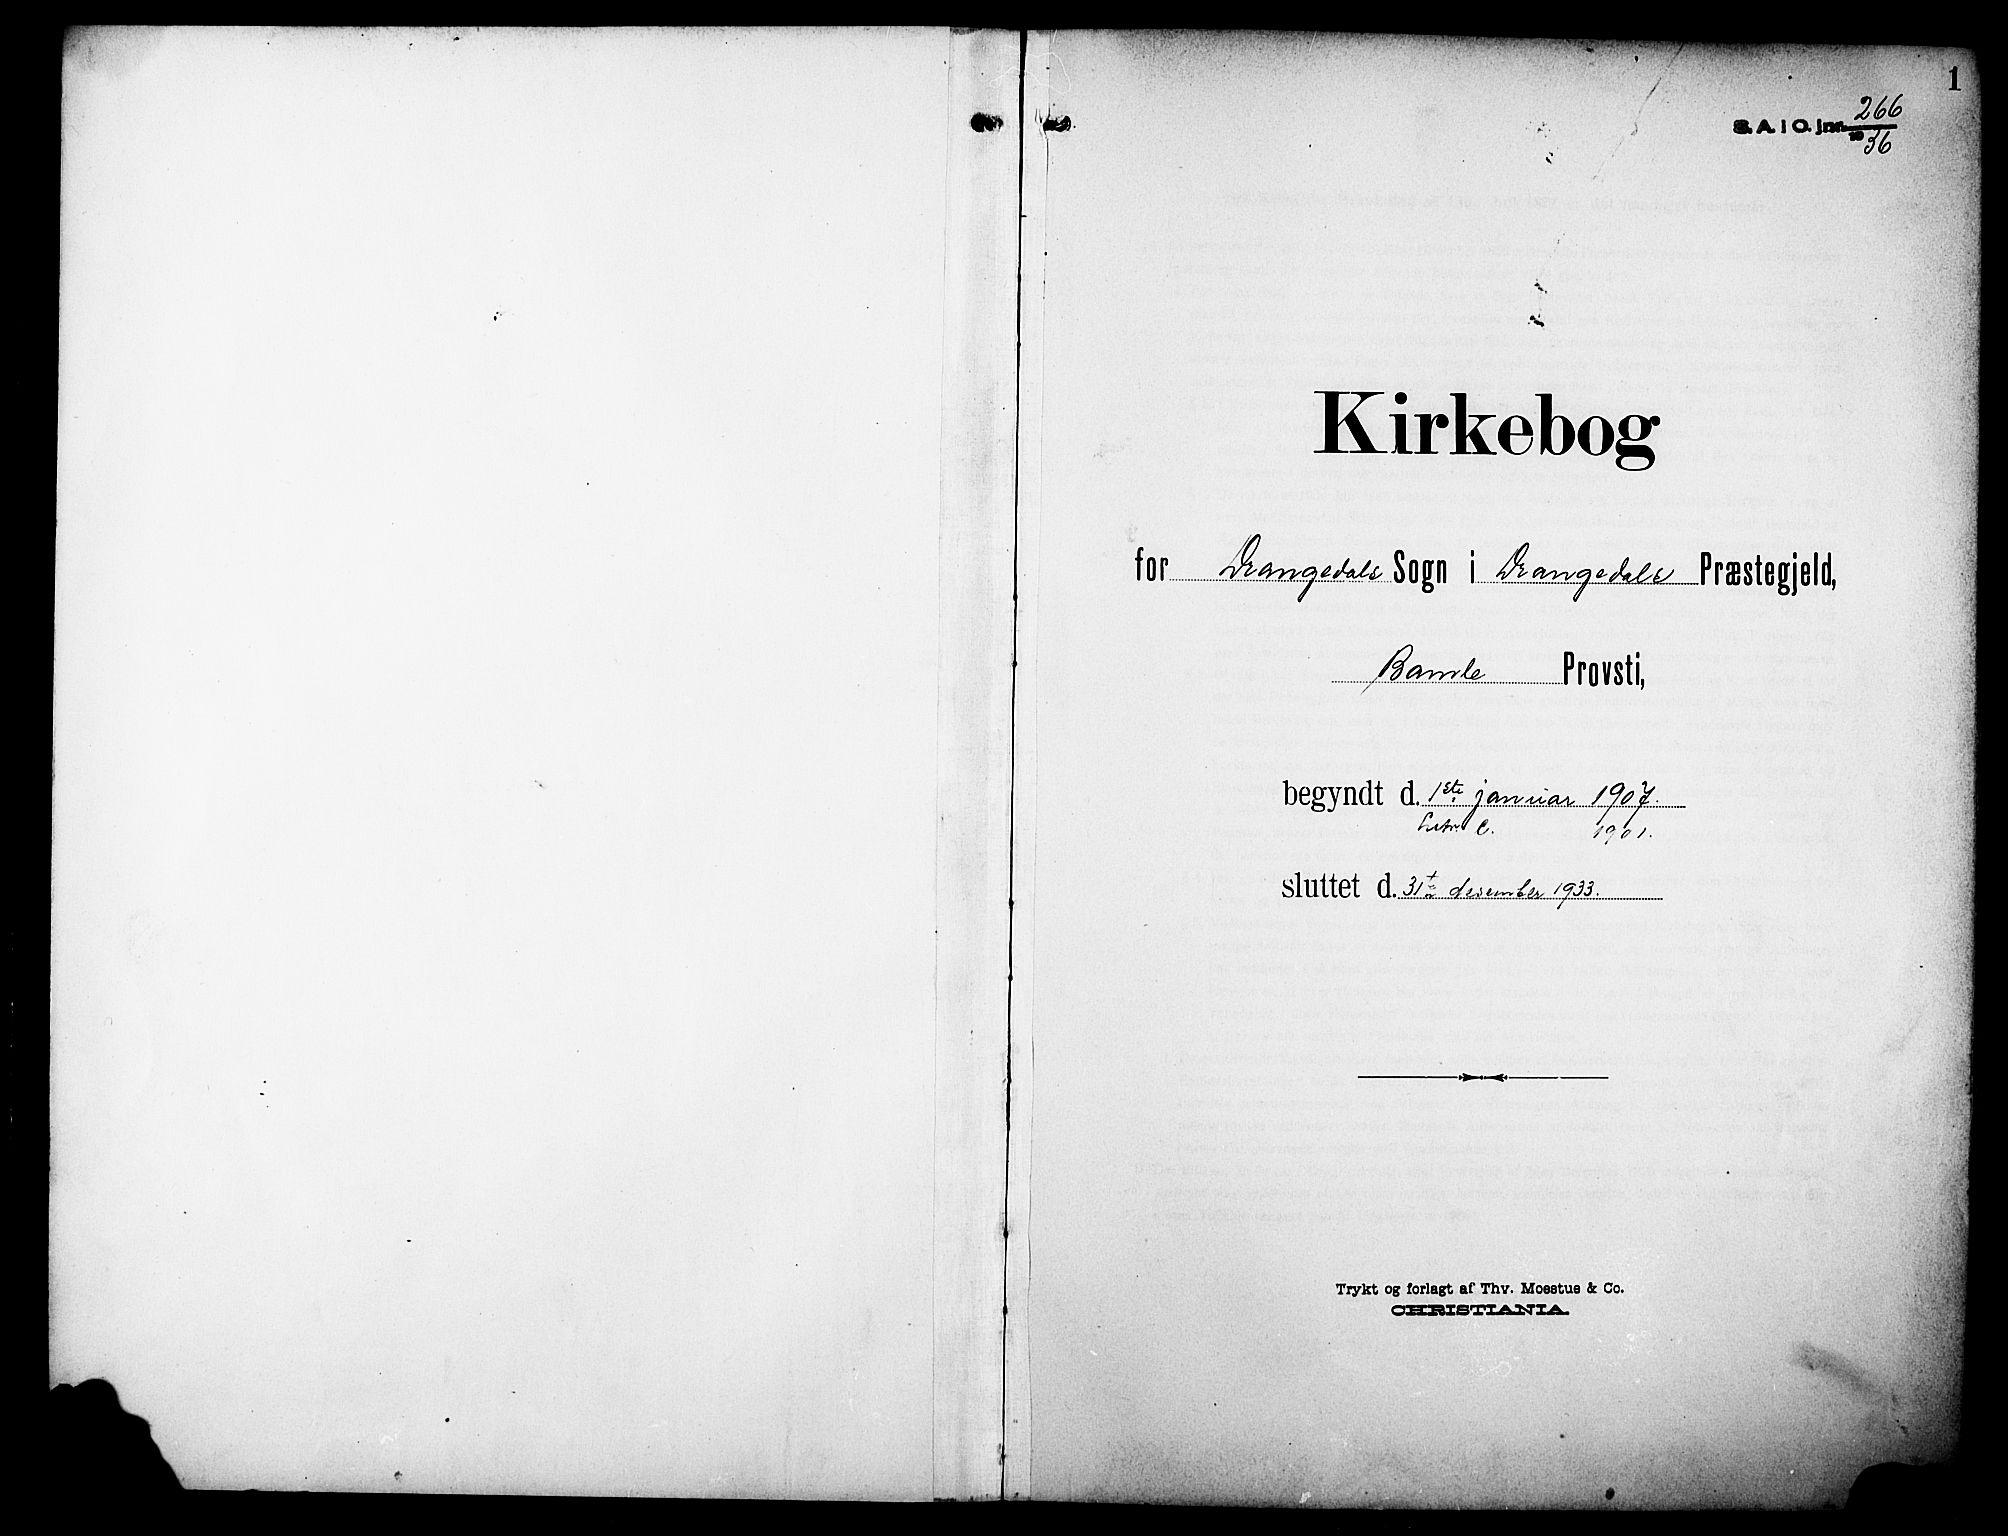 SAKO, Drangedal kirkebøker, G/Ga/L0004: Klokkerbok nr. I 4, 1901-1933, s. 1